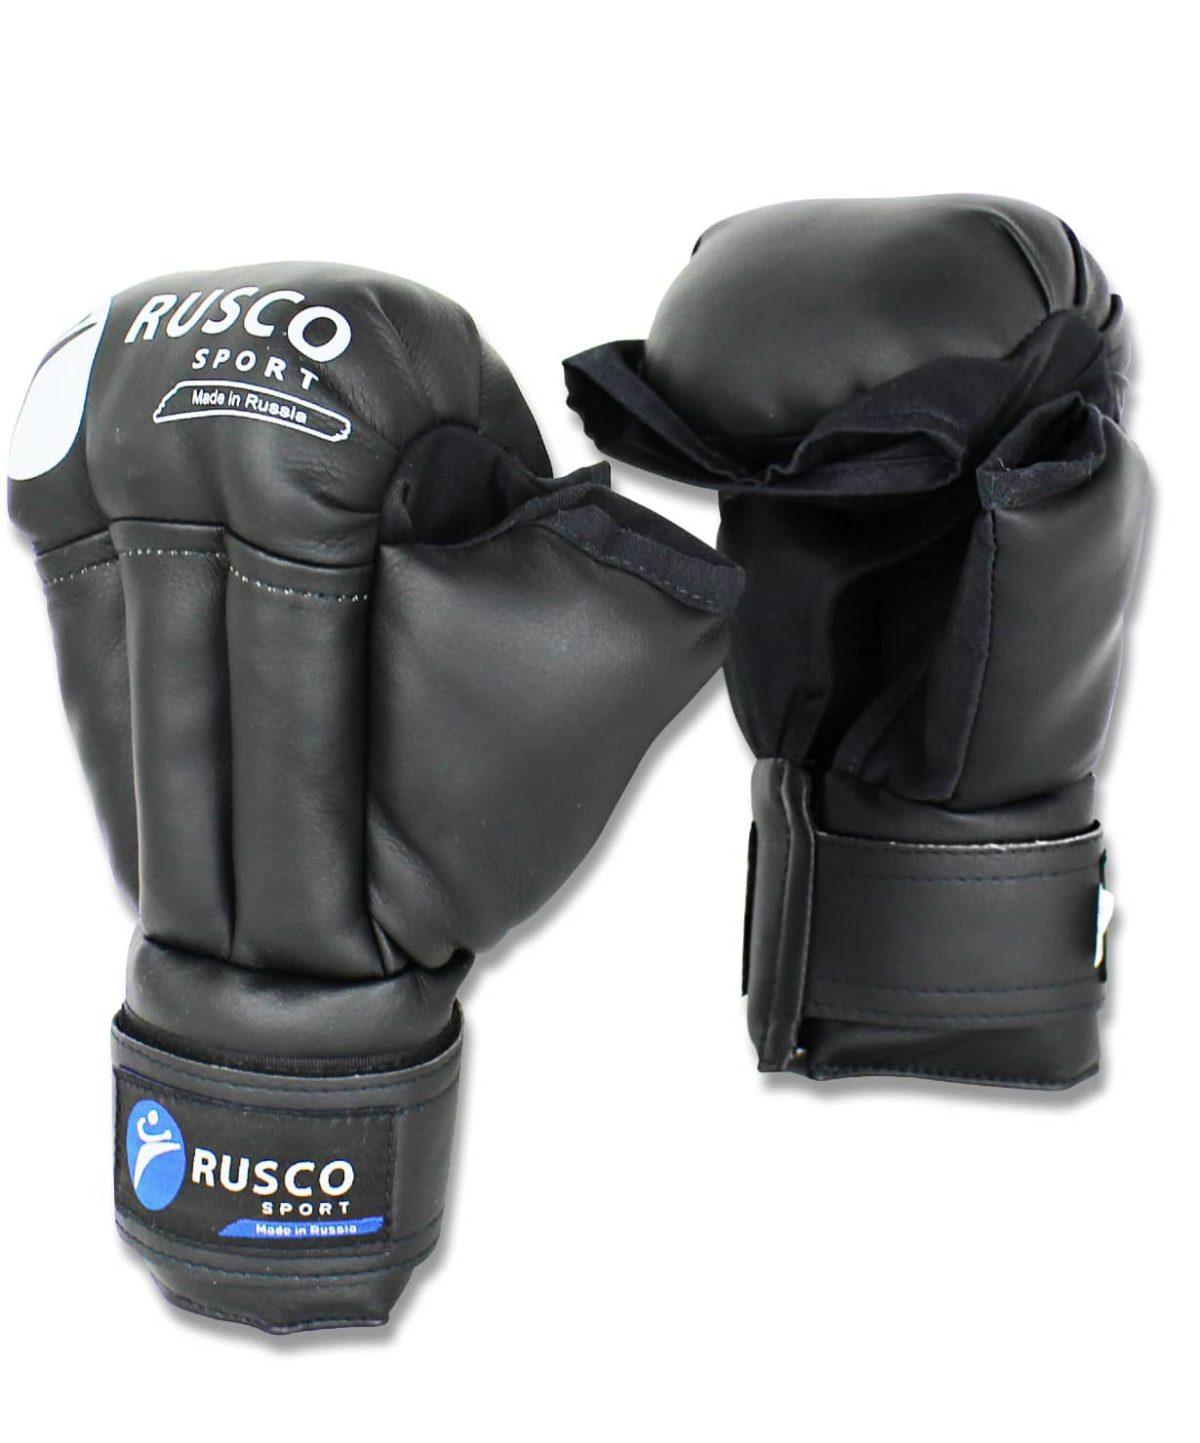 RUSCO перчатки для рукопашного боя  9845: чёрный - 1